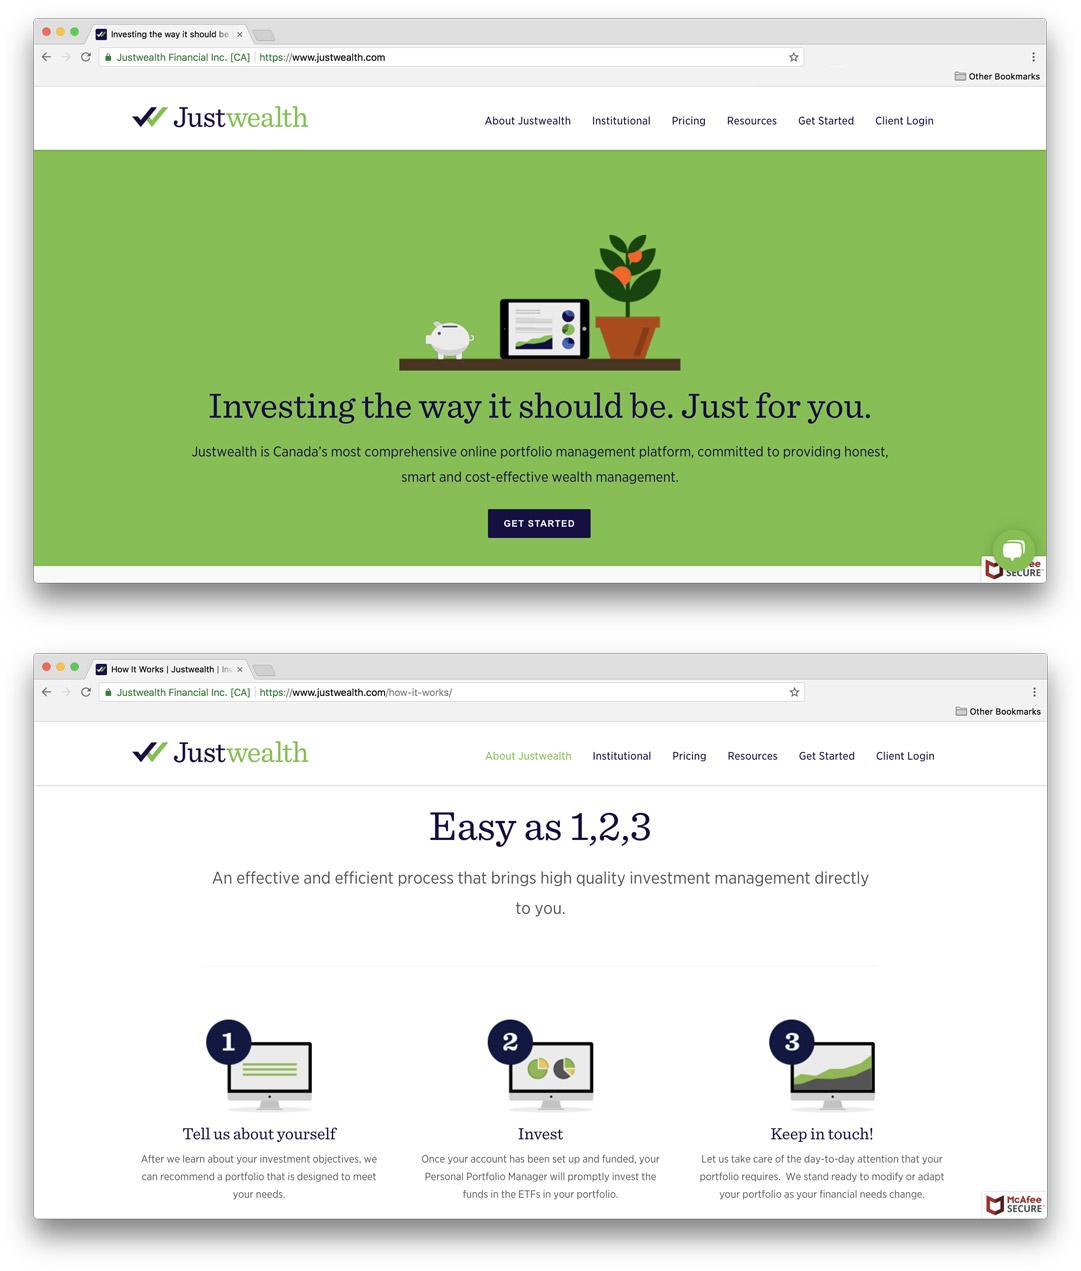 Justwealth website images